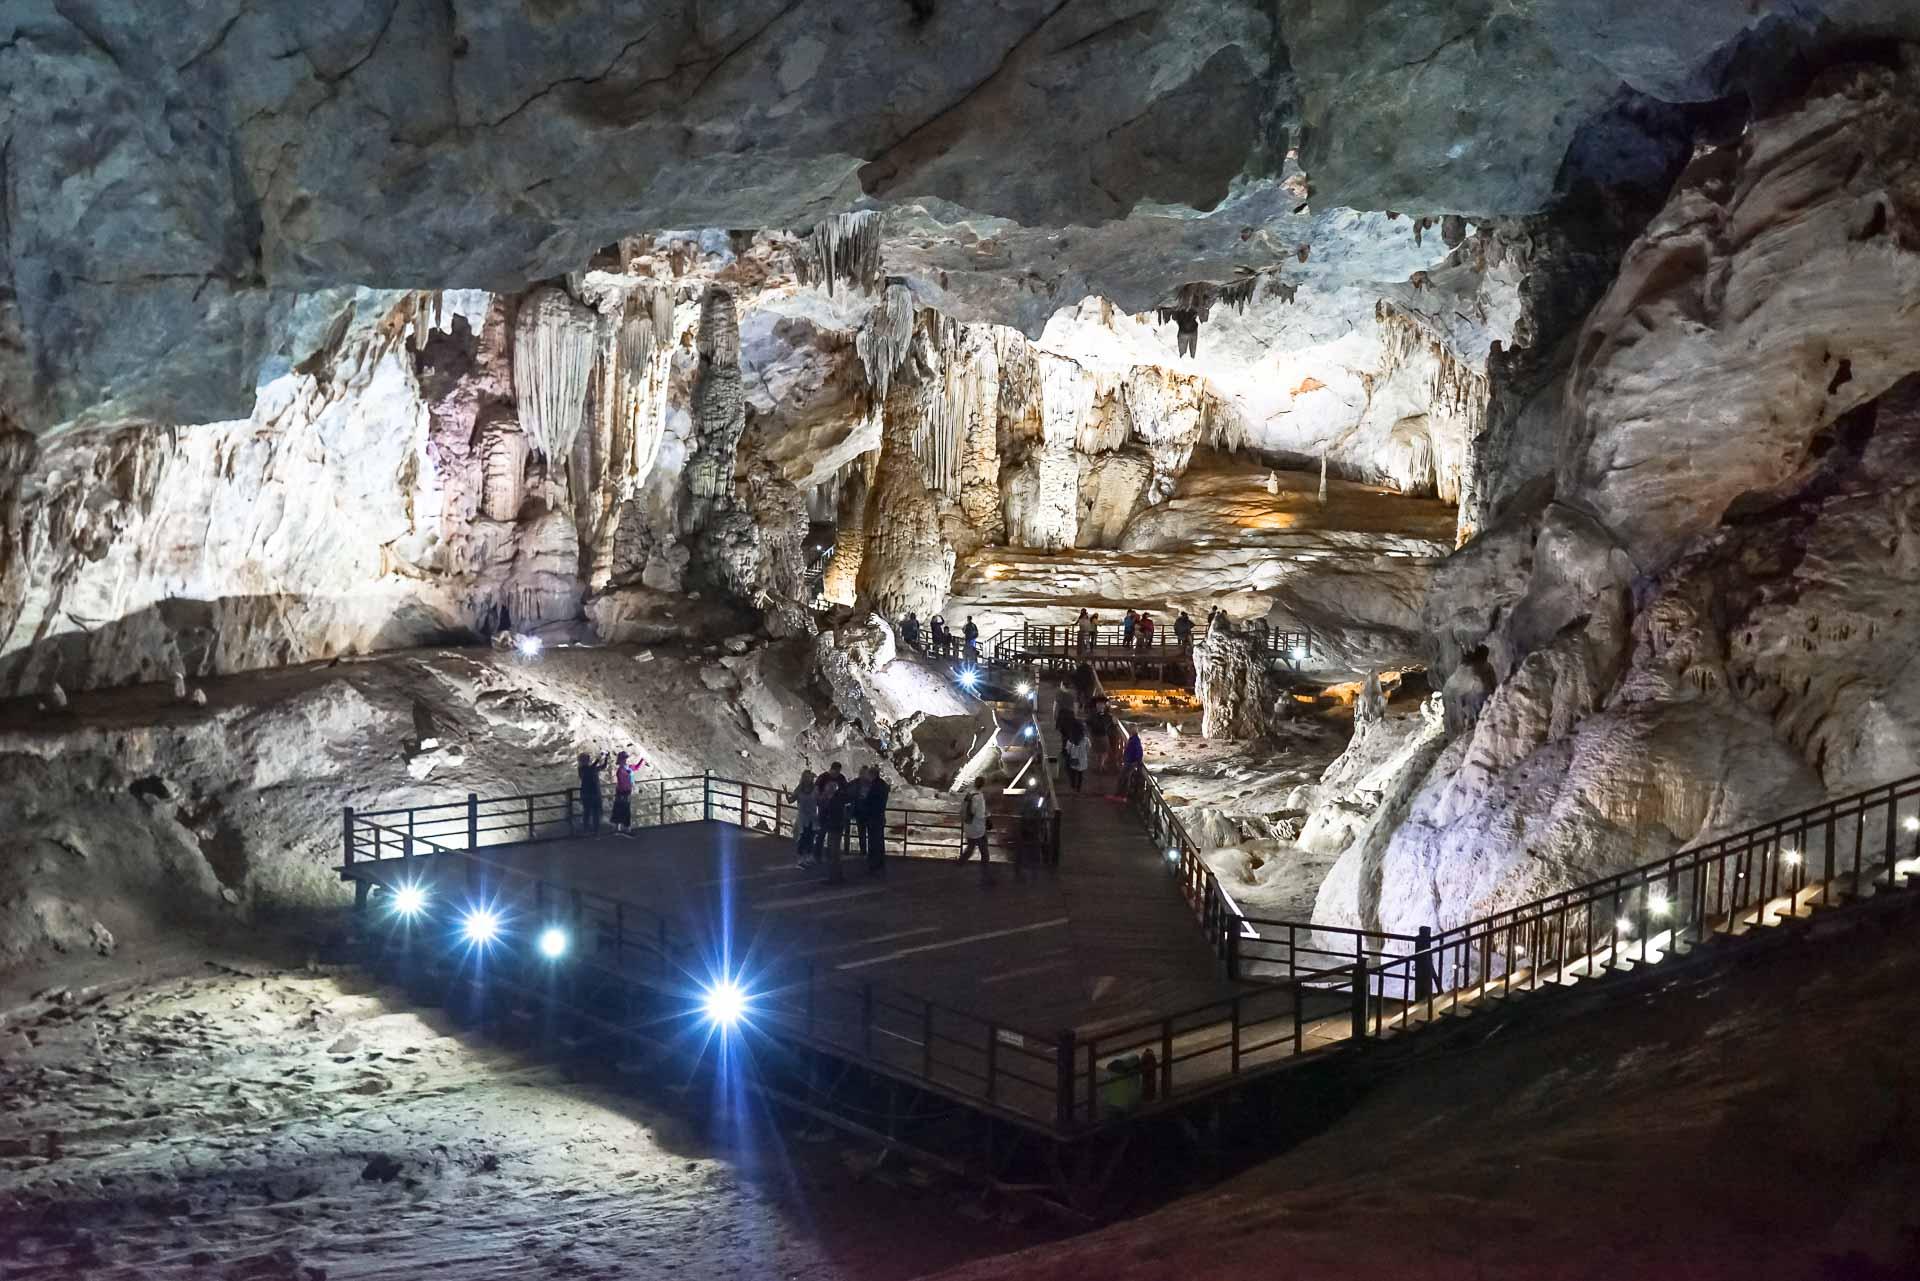 LesVoyageuses-Vietnam-Phong-Nha-Caves-Nature-24